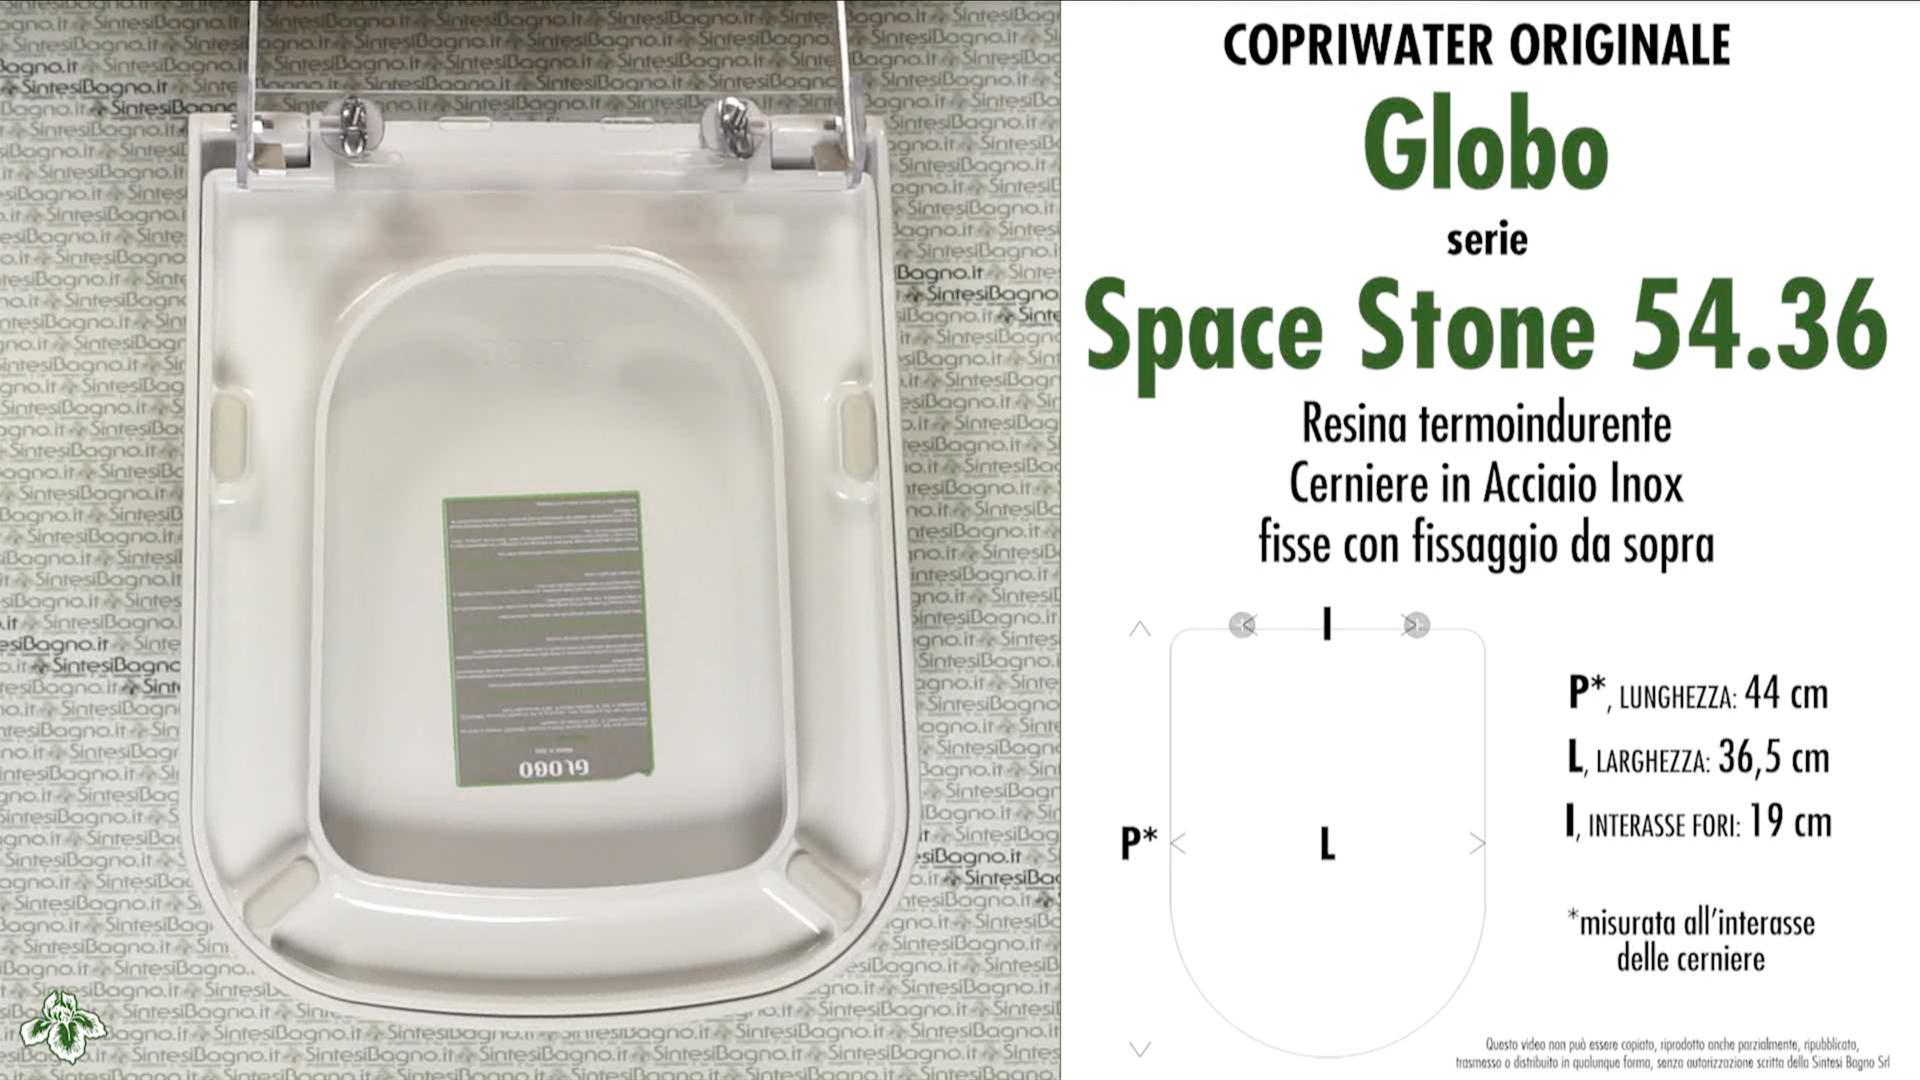 SCHEDA TECNICA MISURE copriwater GLOBO SPACE STONE